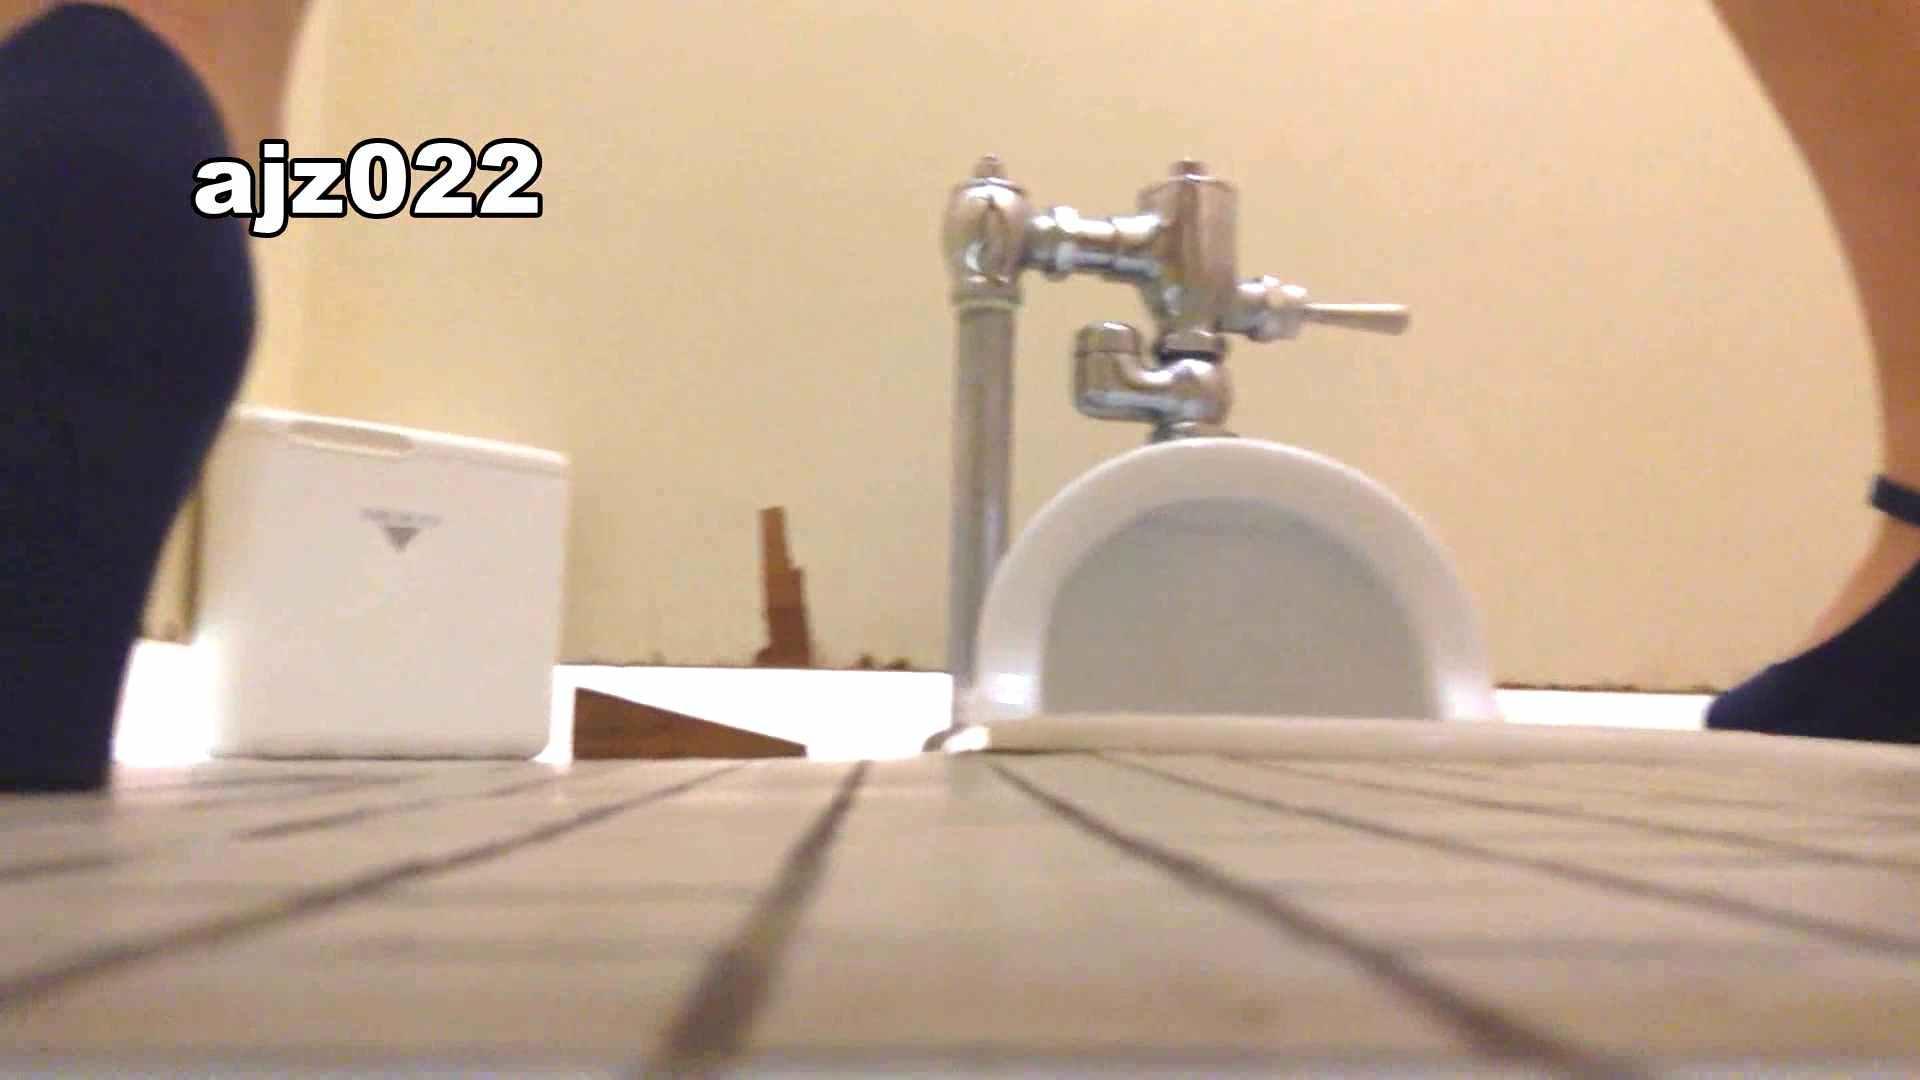 某有名大学女性洗面所 vol.22 潜入 盗撮画像 94連発 68